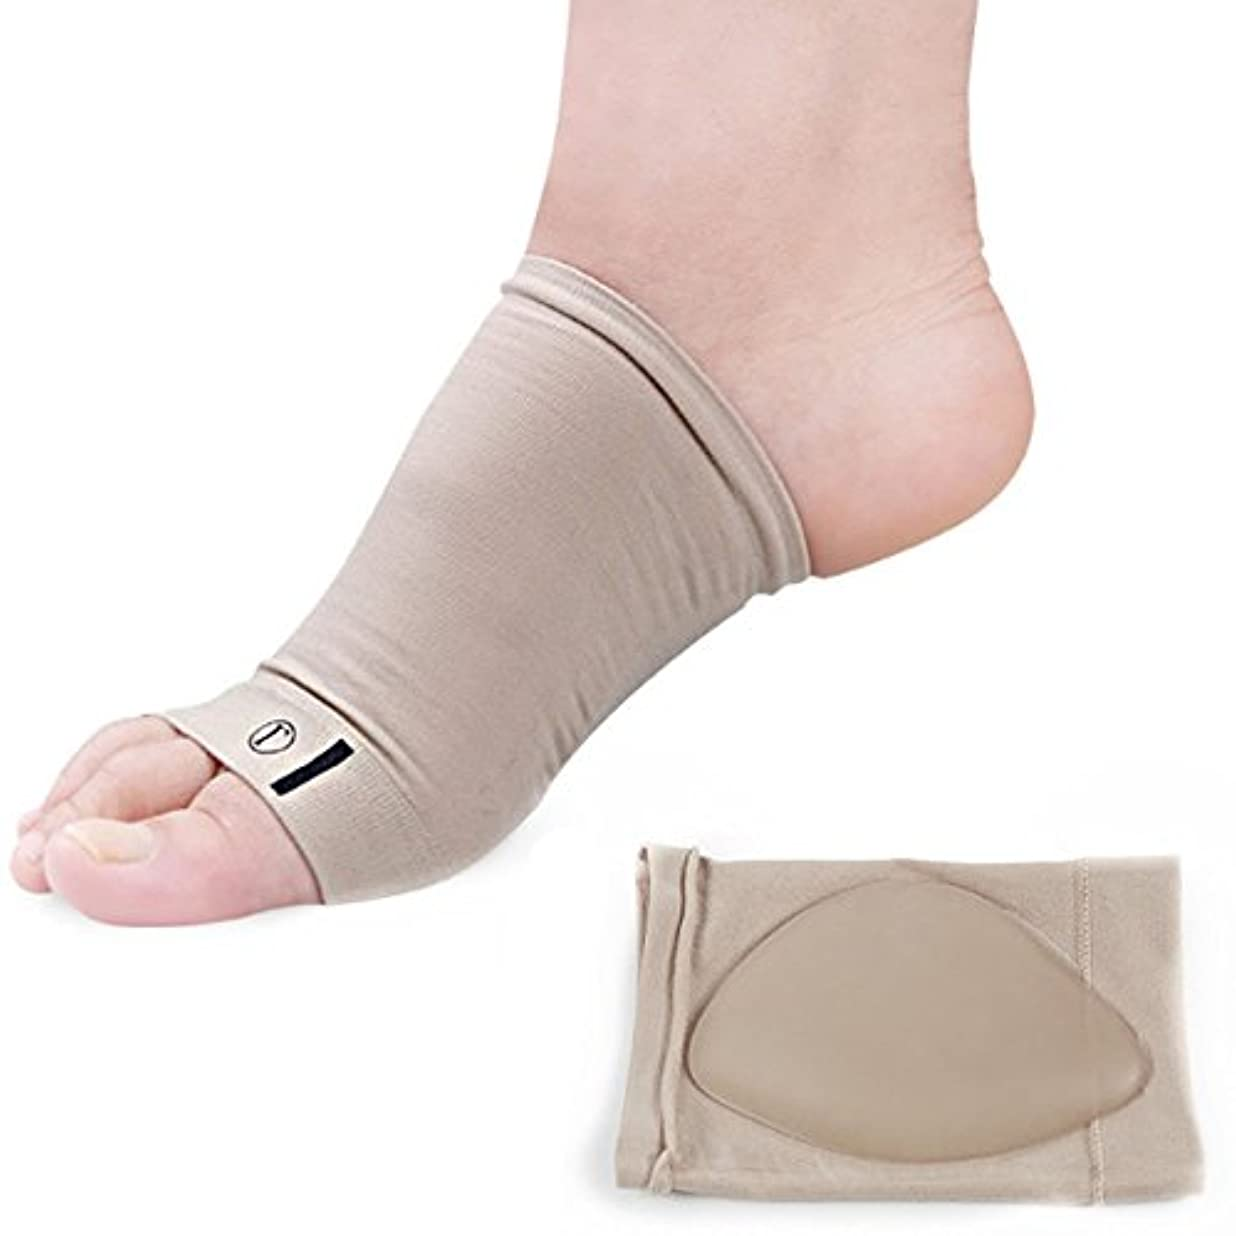 欠点喜ぶ地球山の奥 足底筋膜炎 アーチサポーター 専用 シリコン インソール 衝撃吸収 足裏 足底の痛みを解消 左右セット 解消足裏パッド